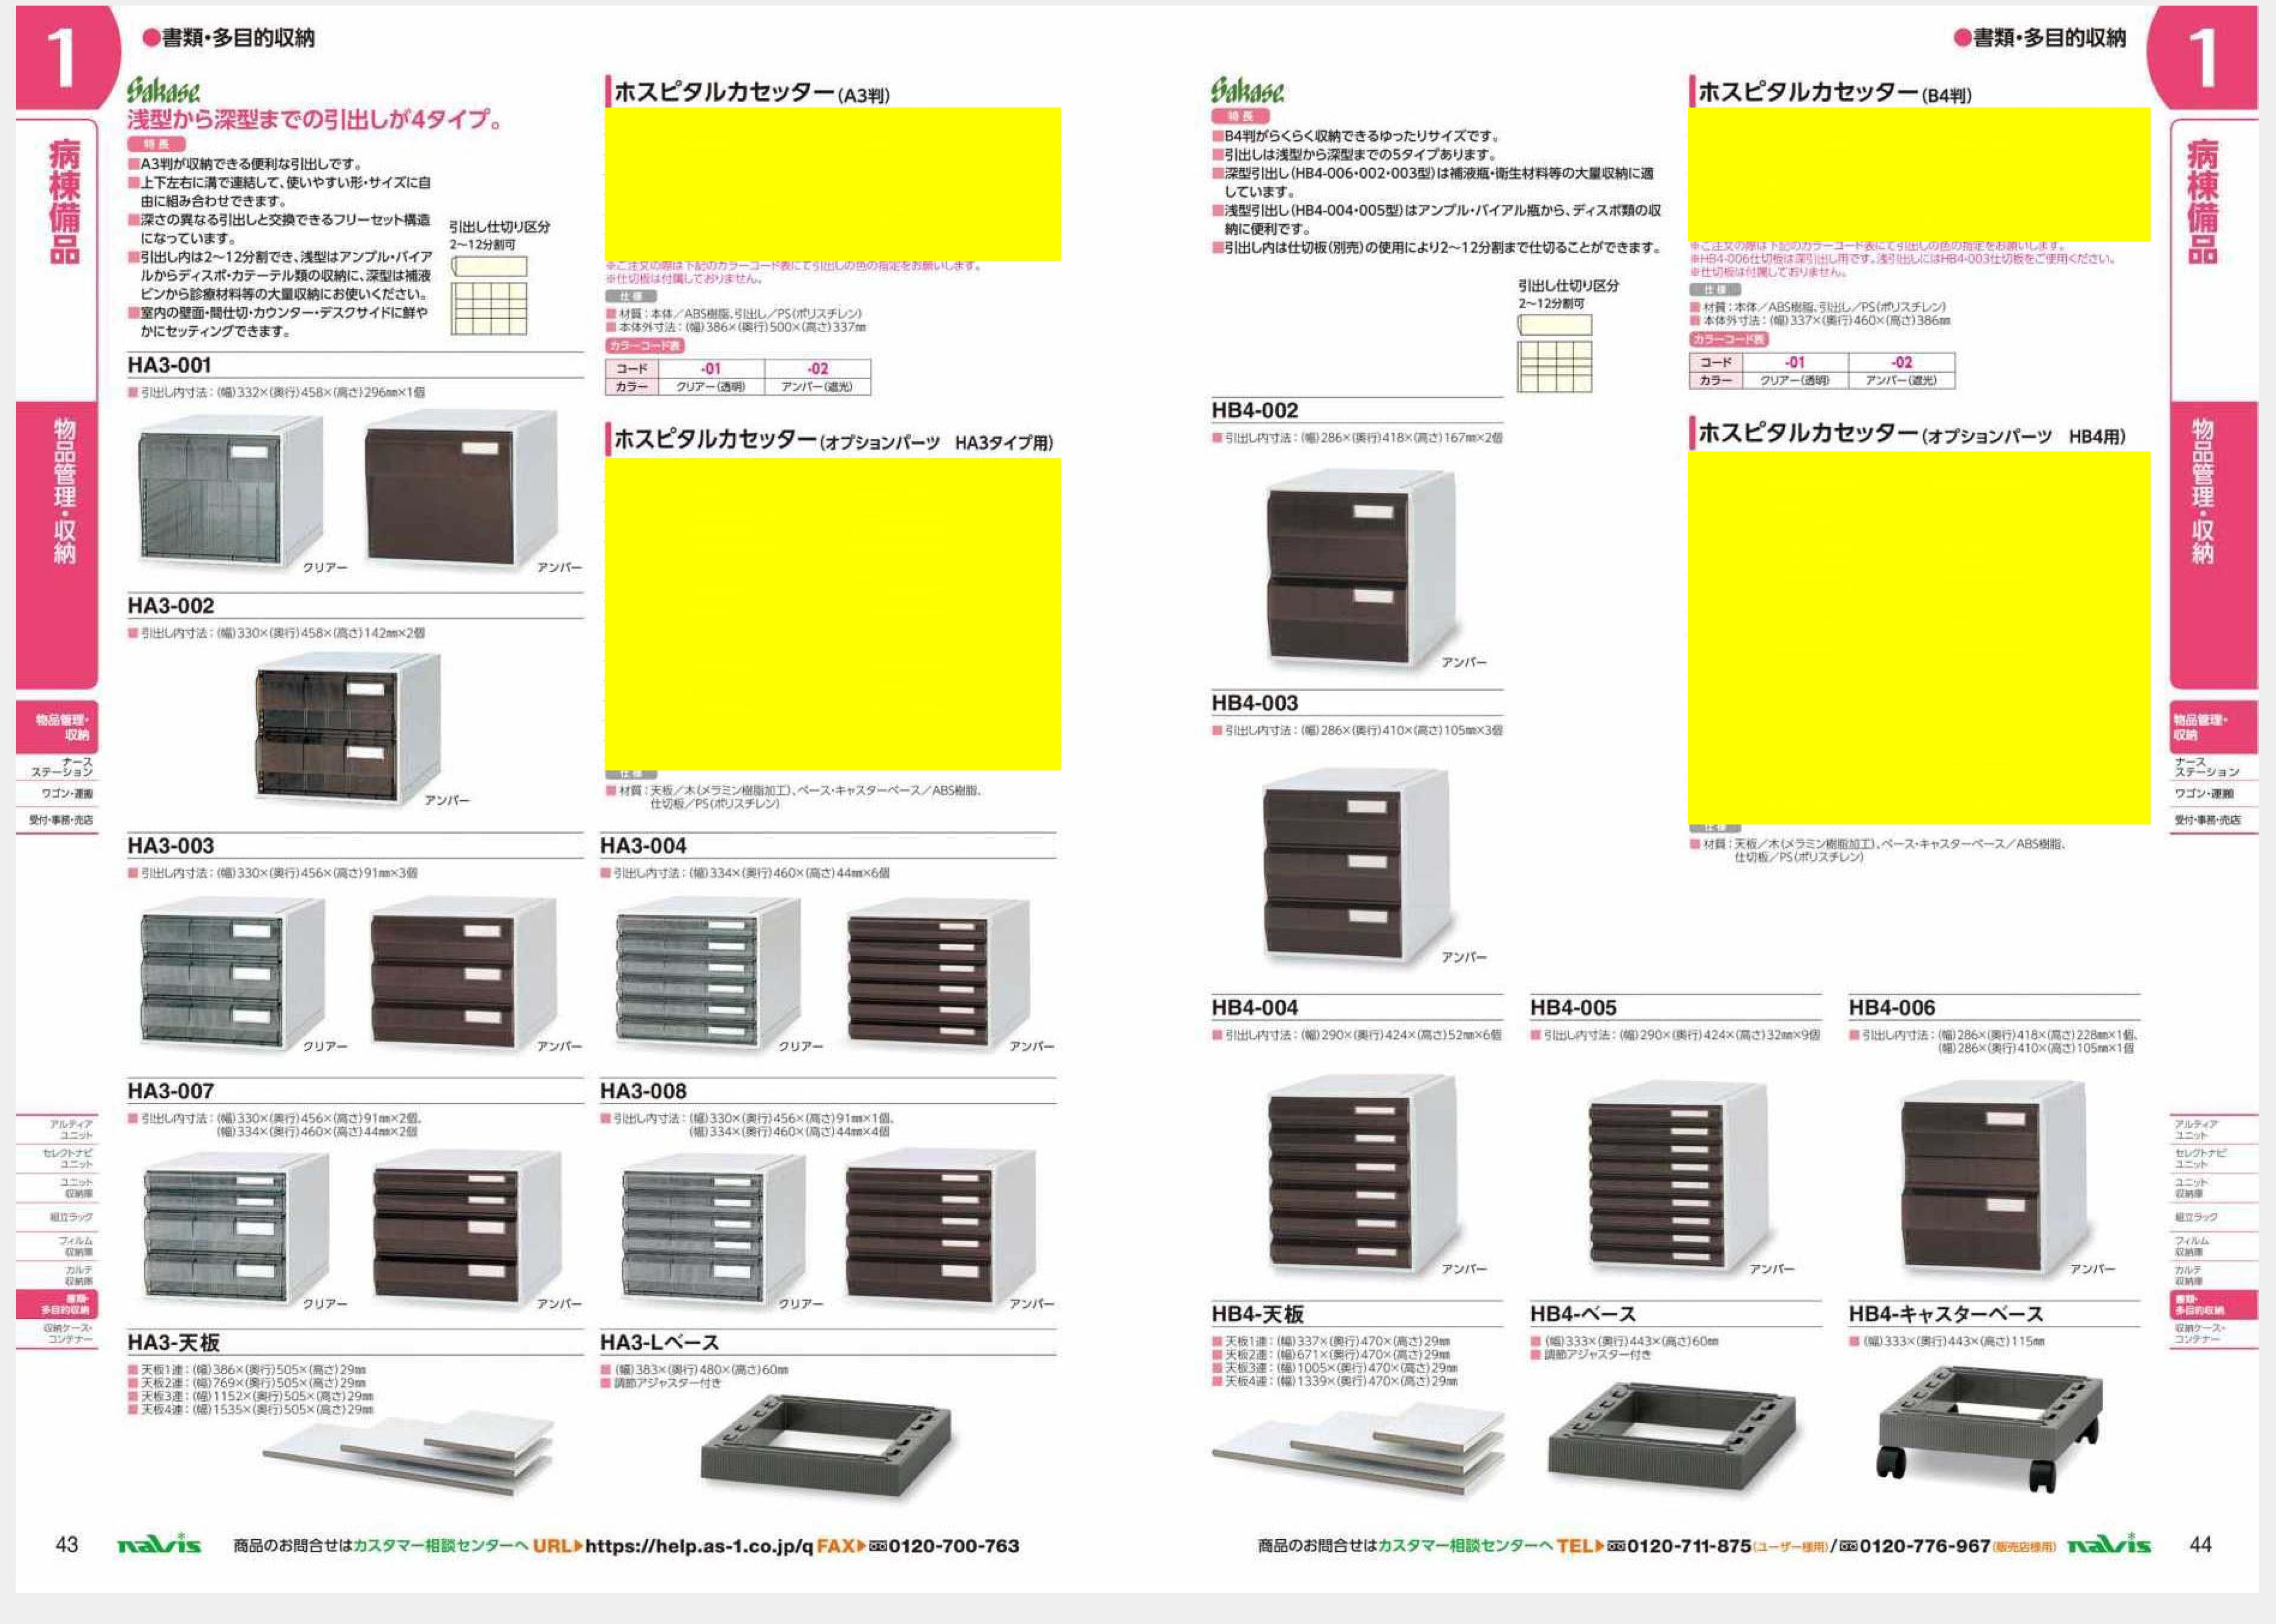 ナビス50000 サカセ 0-2457-03 ホスピタルカセッター(A3判)用天板 HA3−天板3連 1152×505×29mm[個](as1-0-2457-03)